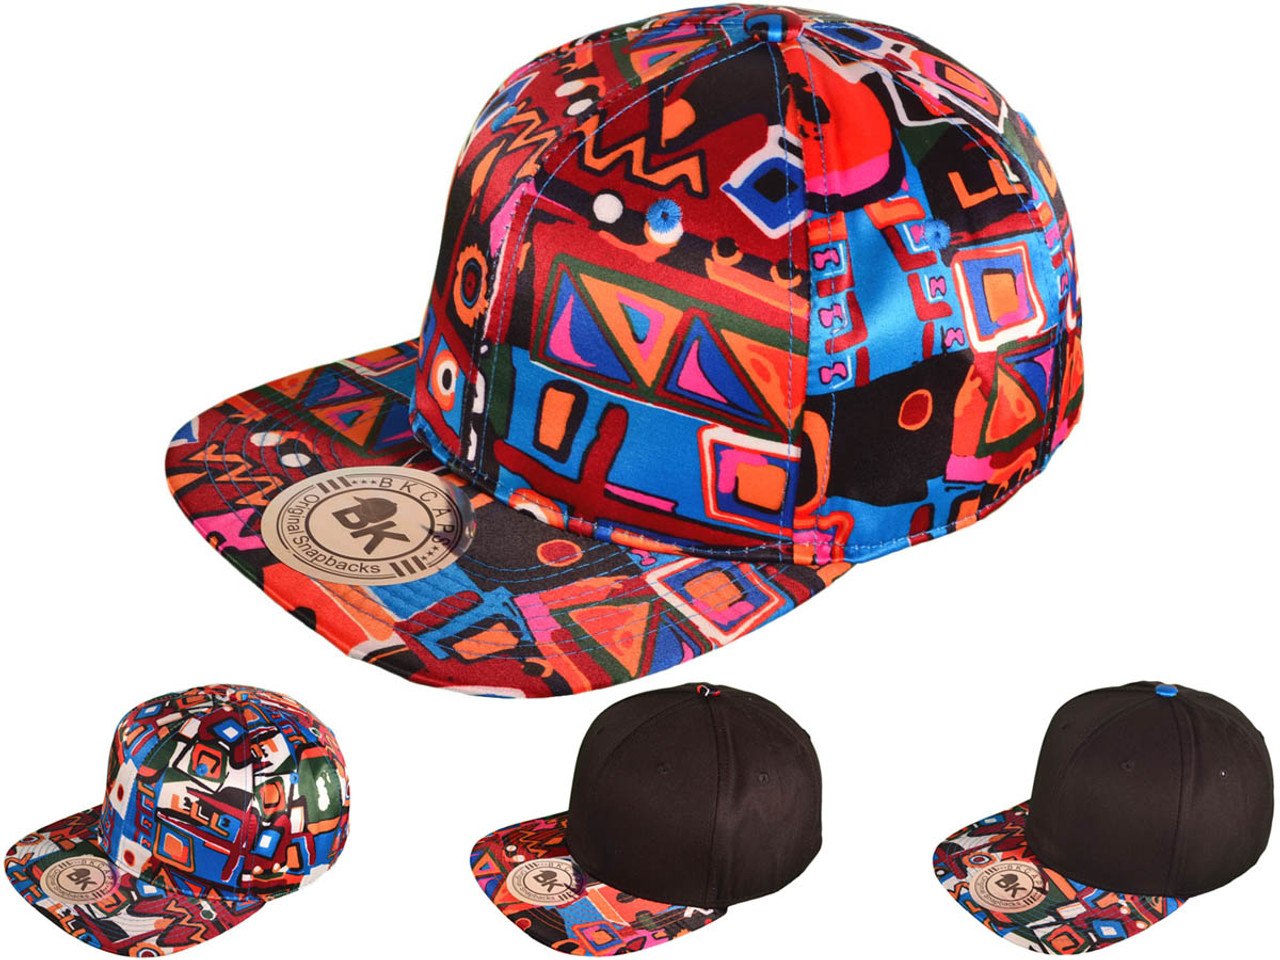 24c01244f Aztec Snapback Hats - Flat Bill 2 Tone BK Caps (4 Color Choices) - 4445